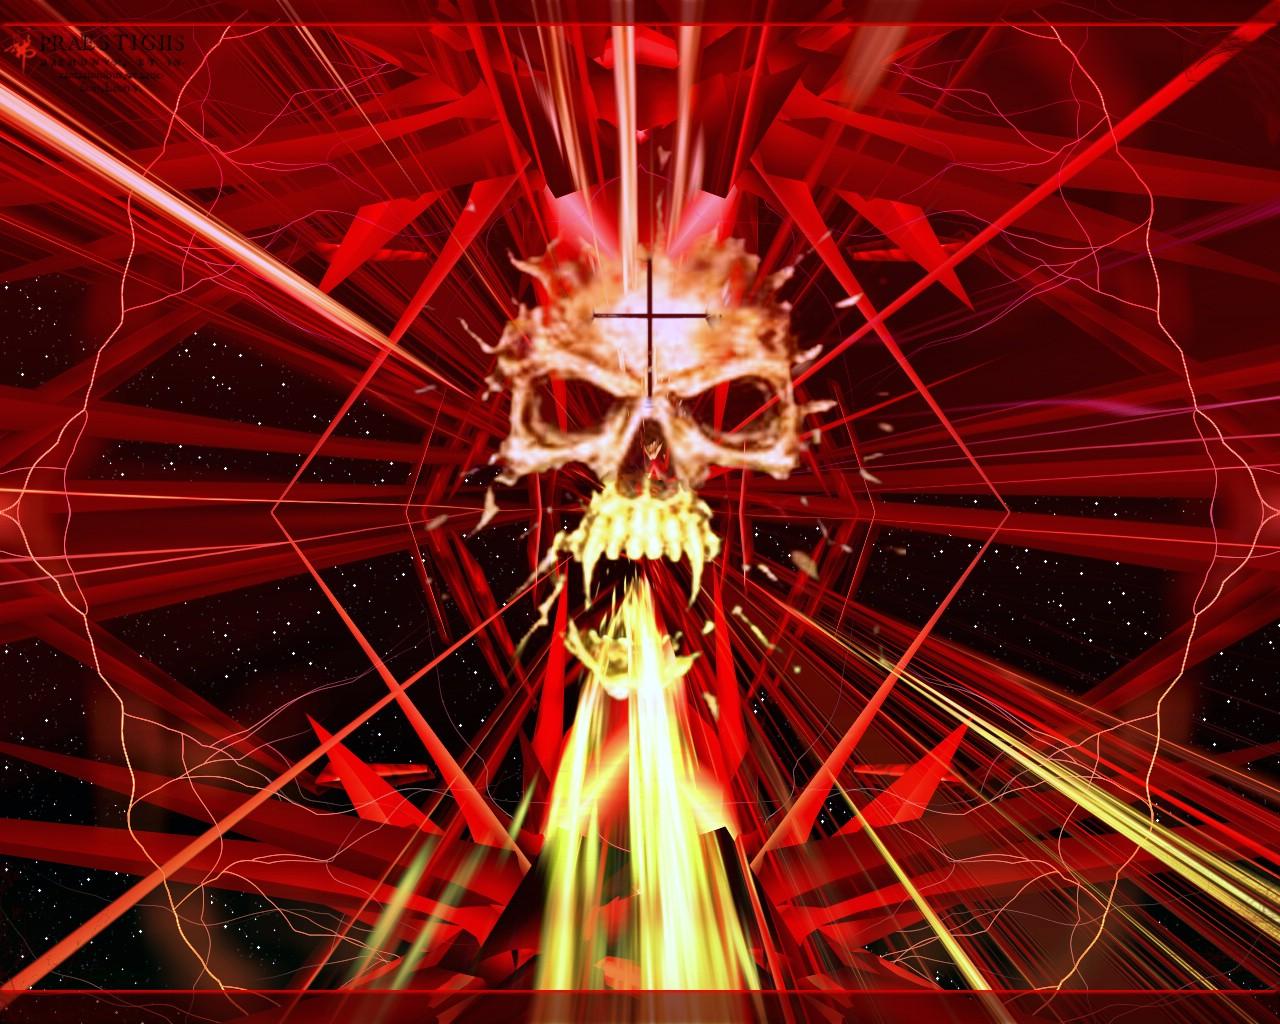 http://1.bp.blogspot.com/-17ILy73QdaE/TpwXbFftvRI/AAAAAAAAAkk/_bSgRXNIptA/s1600/Dont+Hate+Me+_+Dark-Wallpaper.Blogspot.Com.jpg